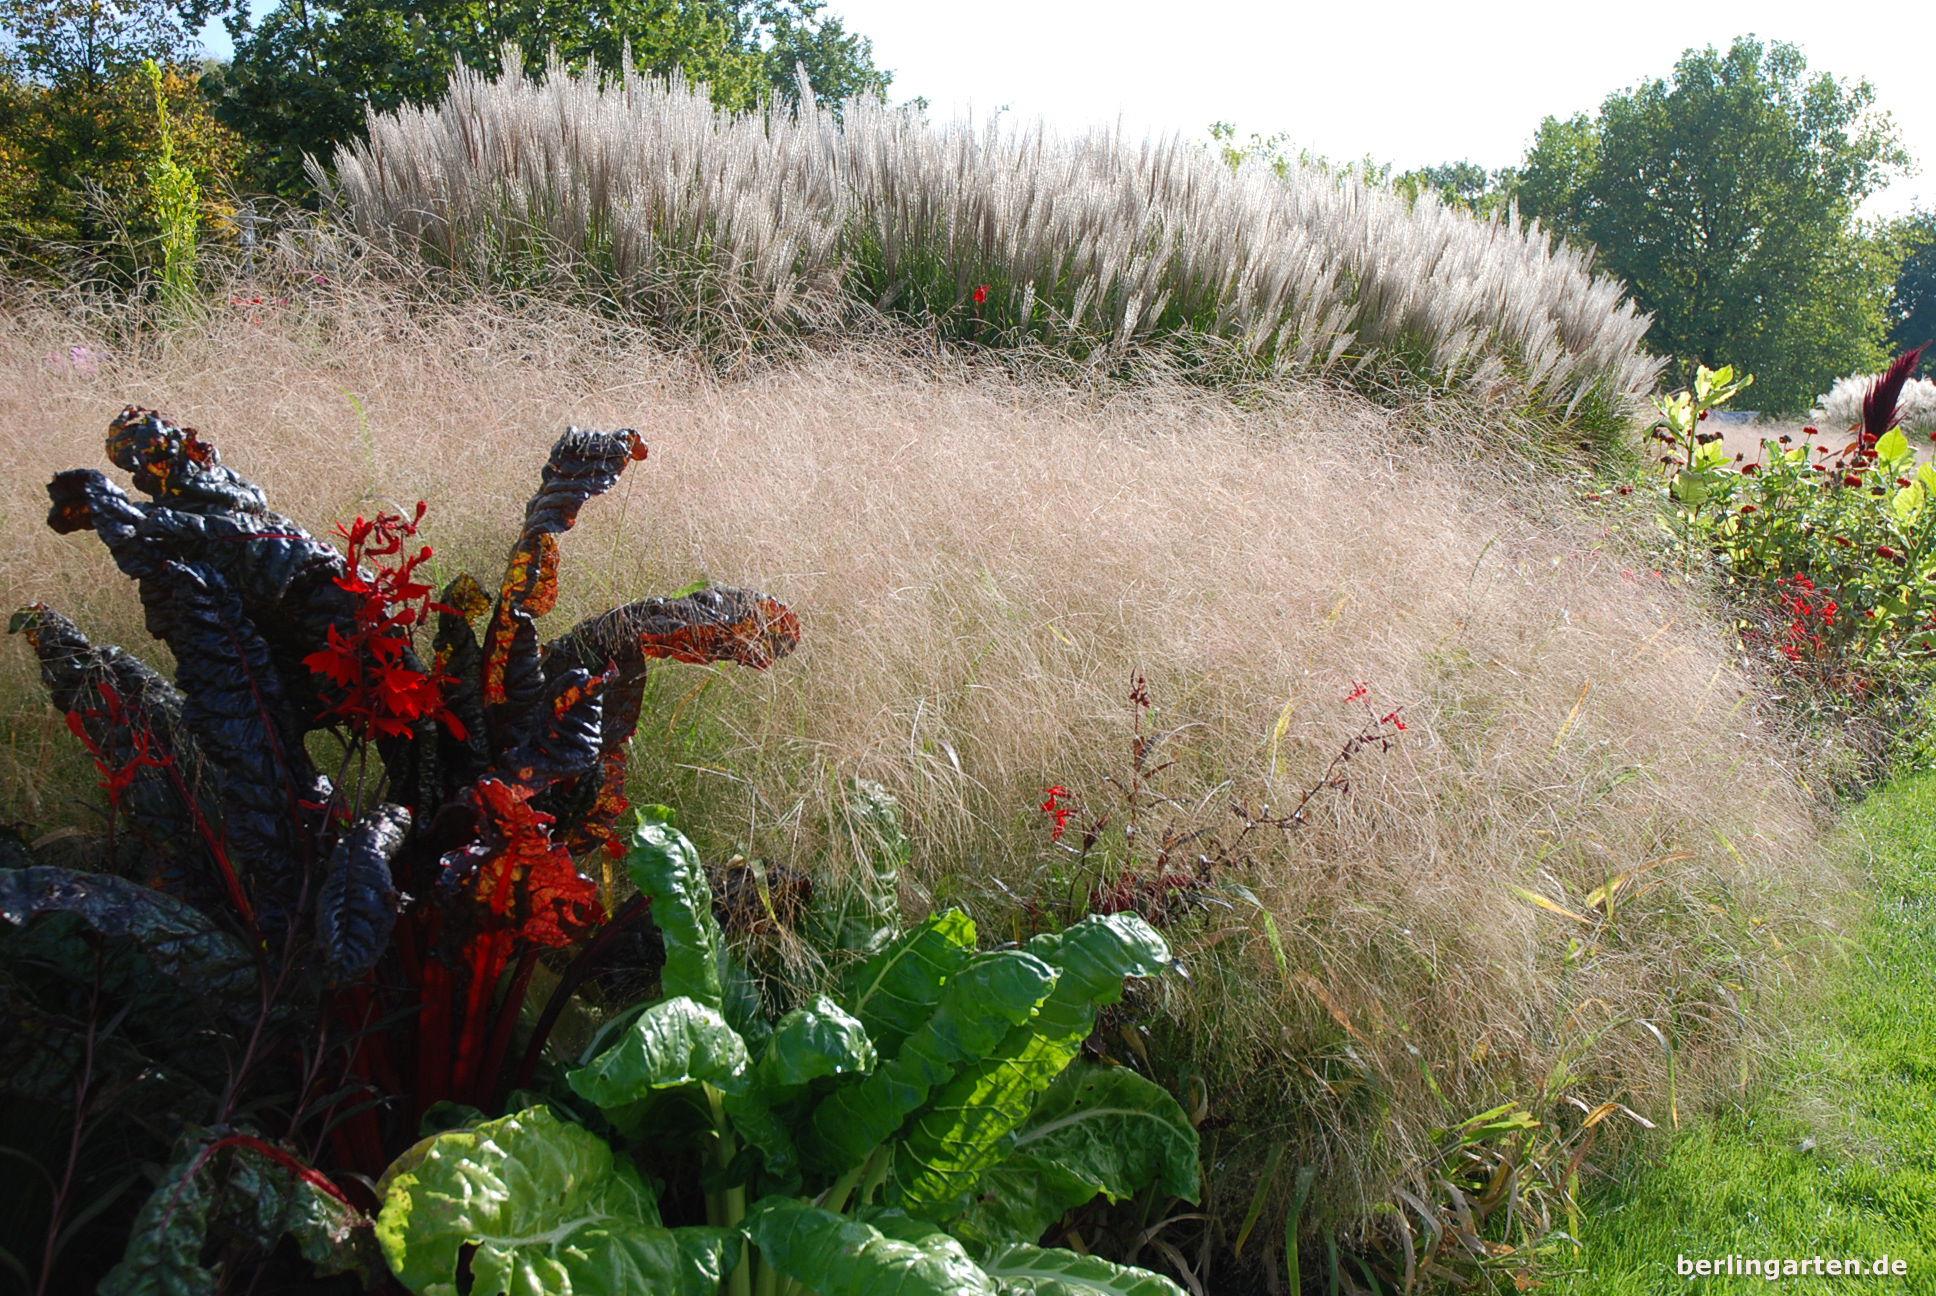 Willst du das Wesen einer Pflanzenzusammenstellung einfangen, geh dicht ran und begrenze den Blick